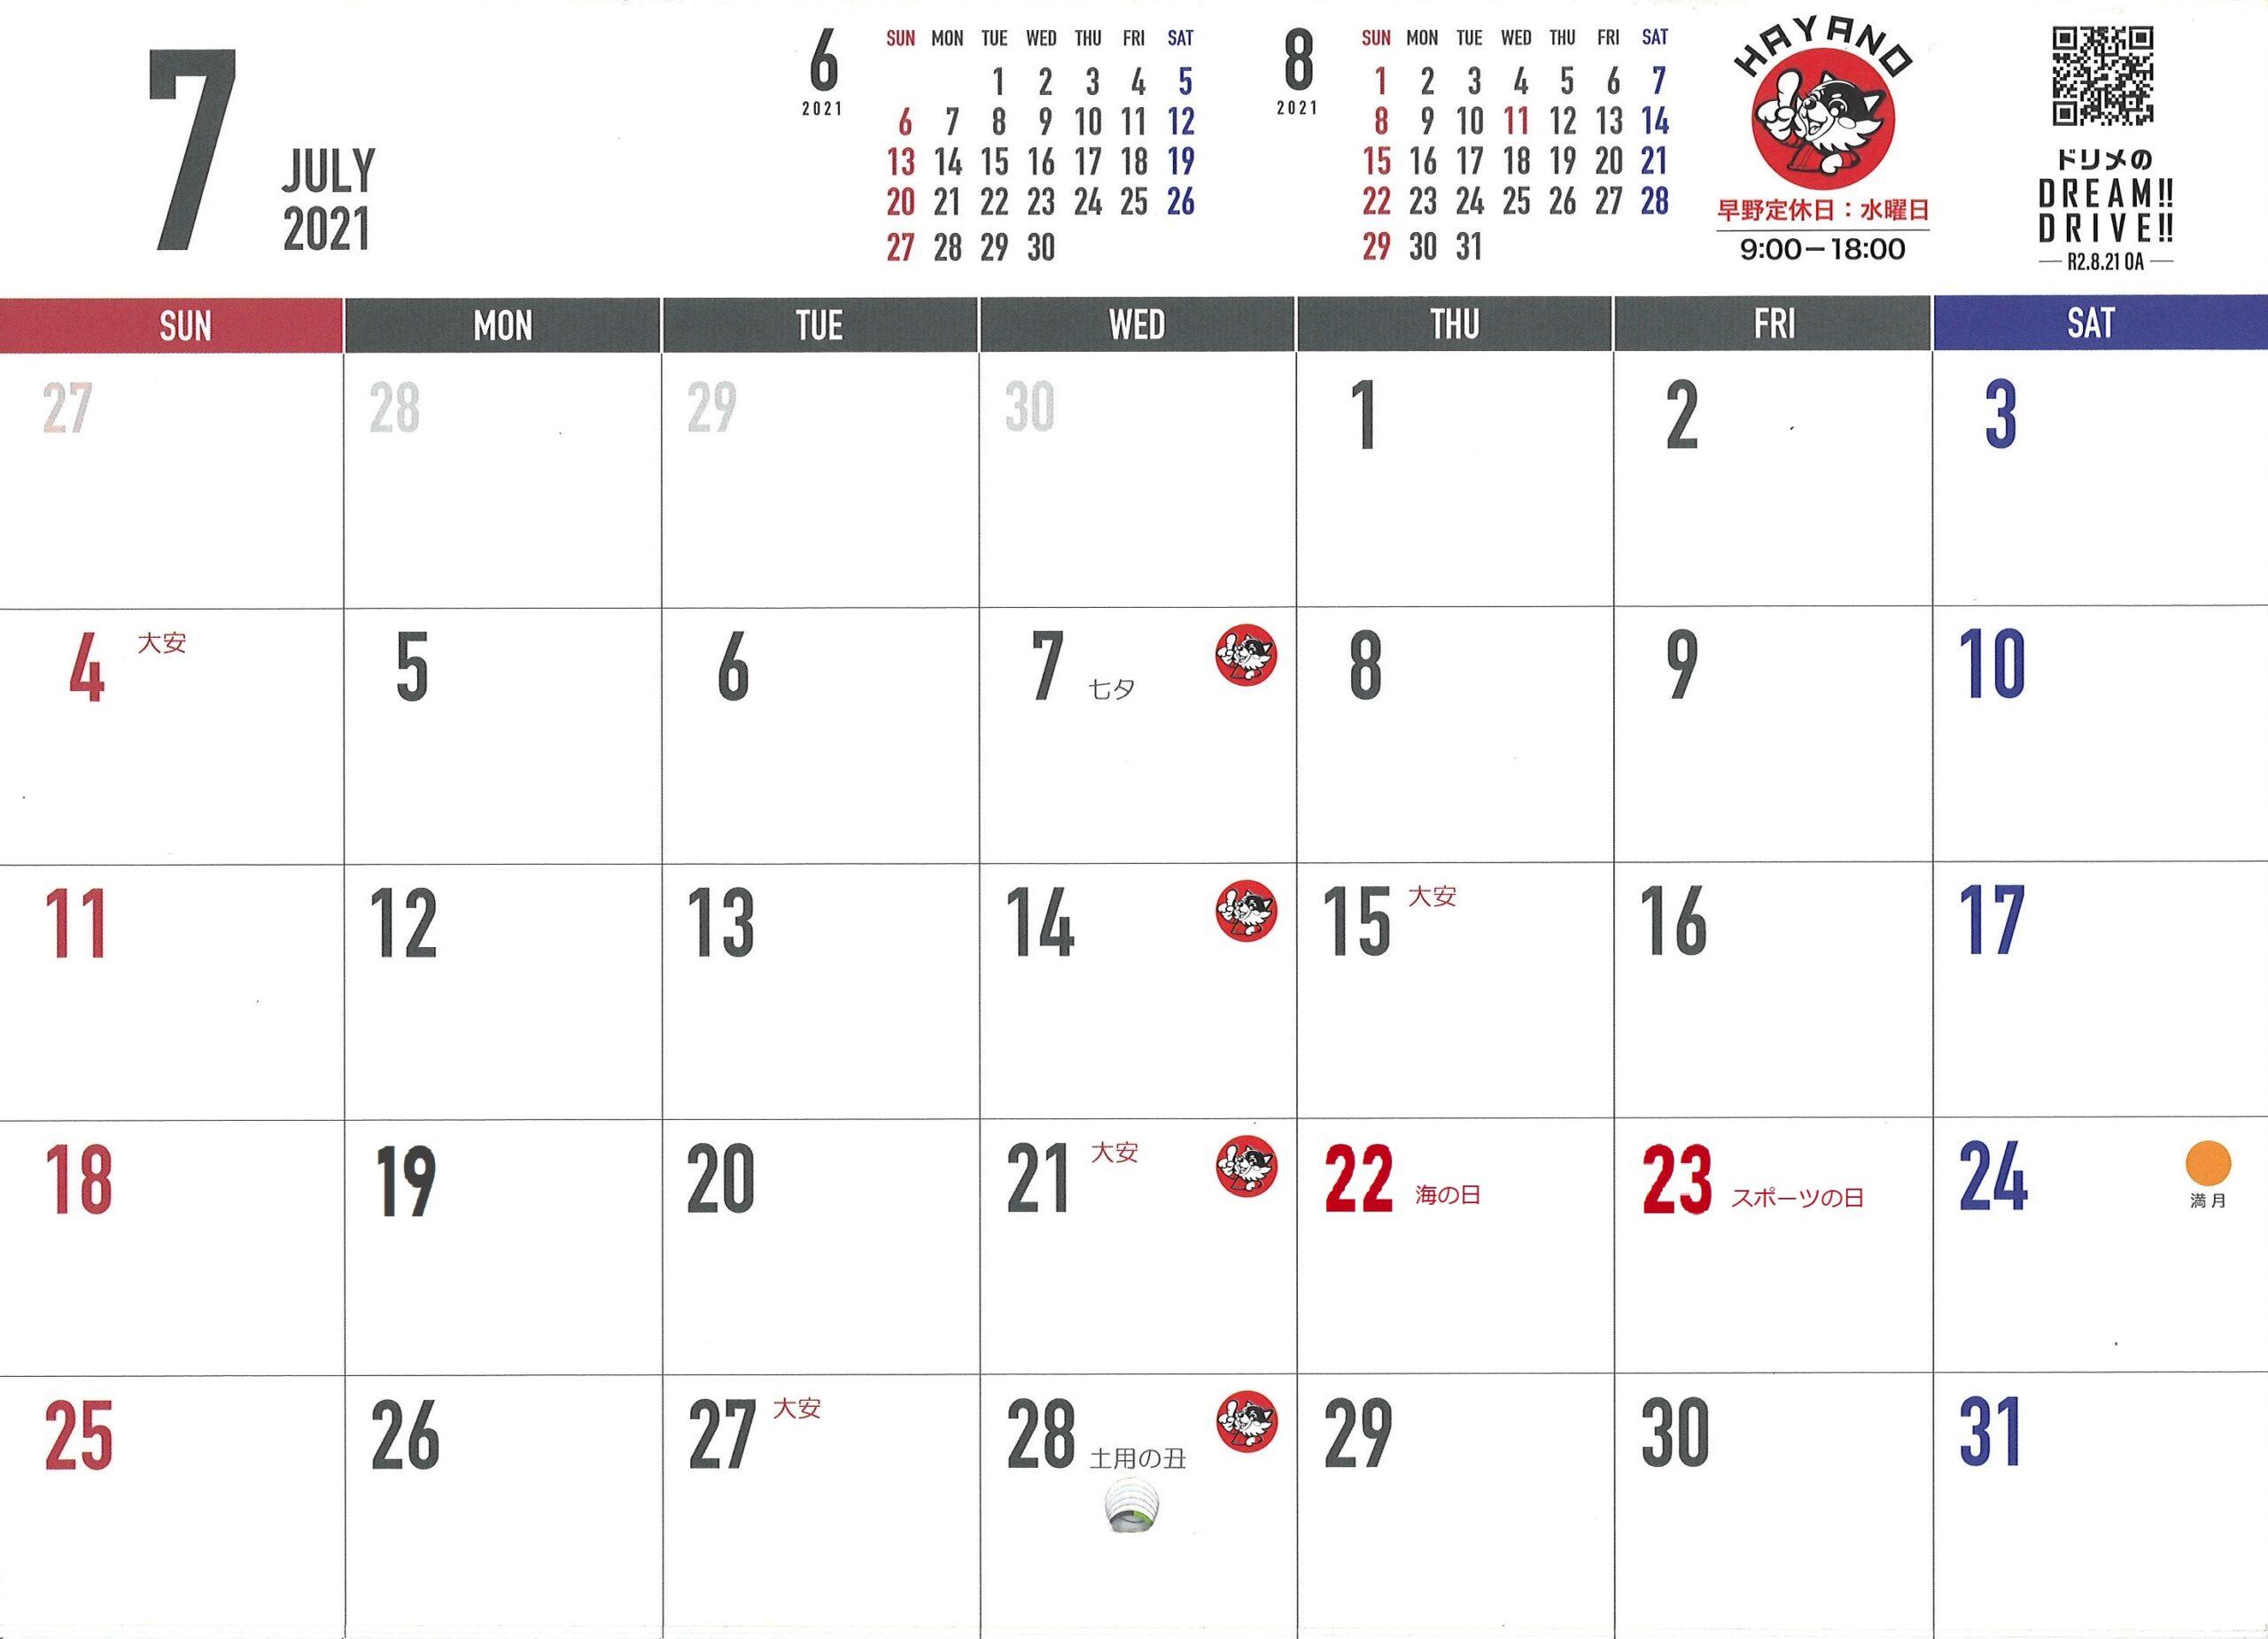 8月の定休日とカレンダーについて